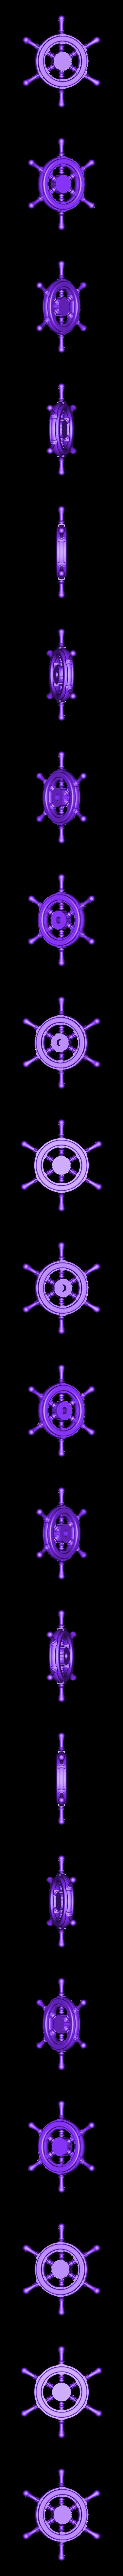 ShipsWheel_wood.STL Télécharger fichier STL gratuit Bouton de roue multi-couleur • Modèle imprimable en 3D, MosaicManufacturing